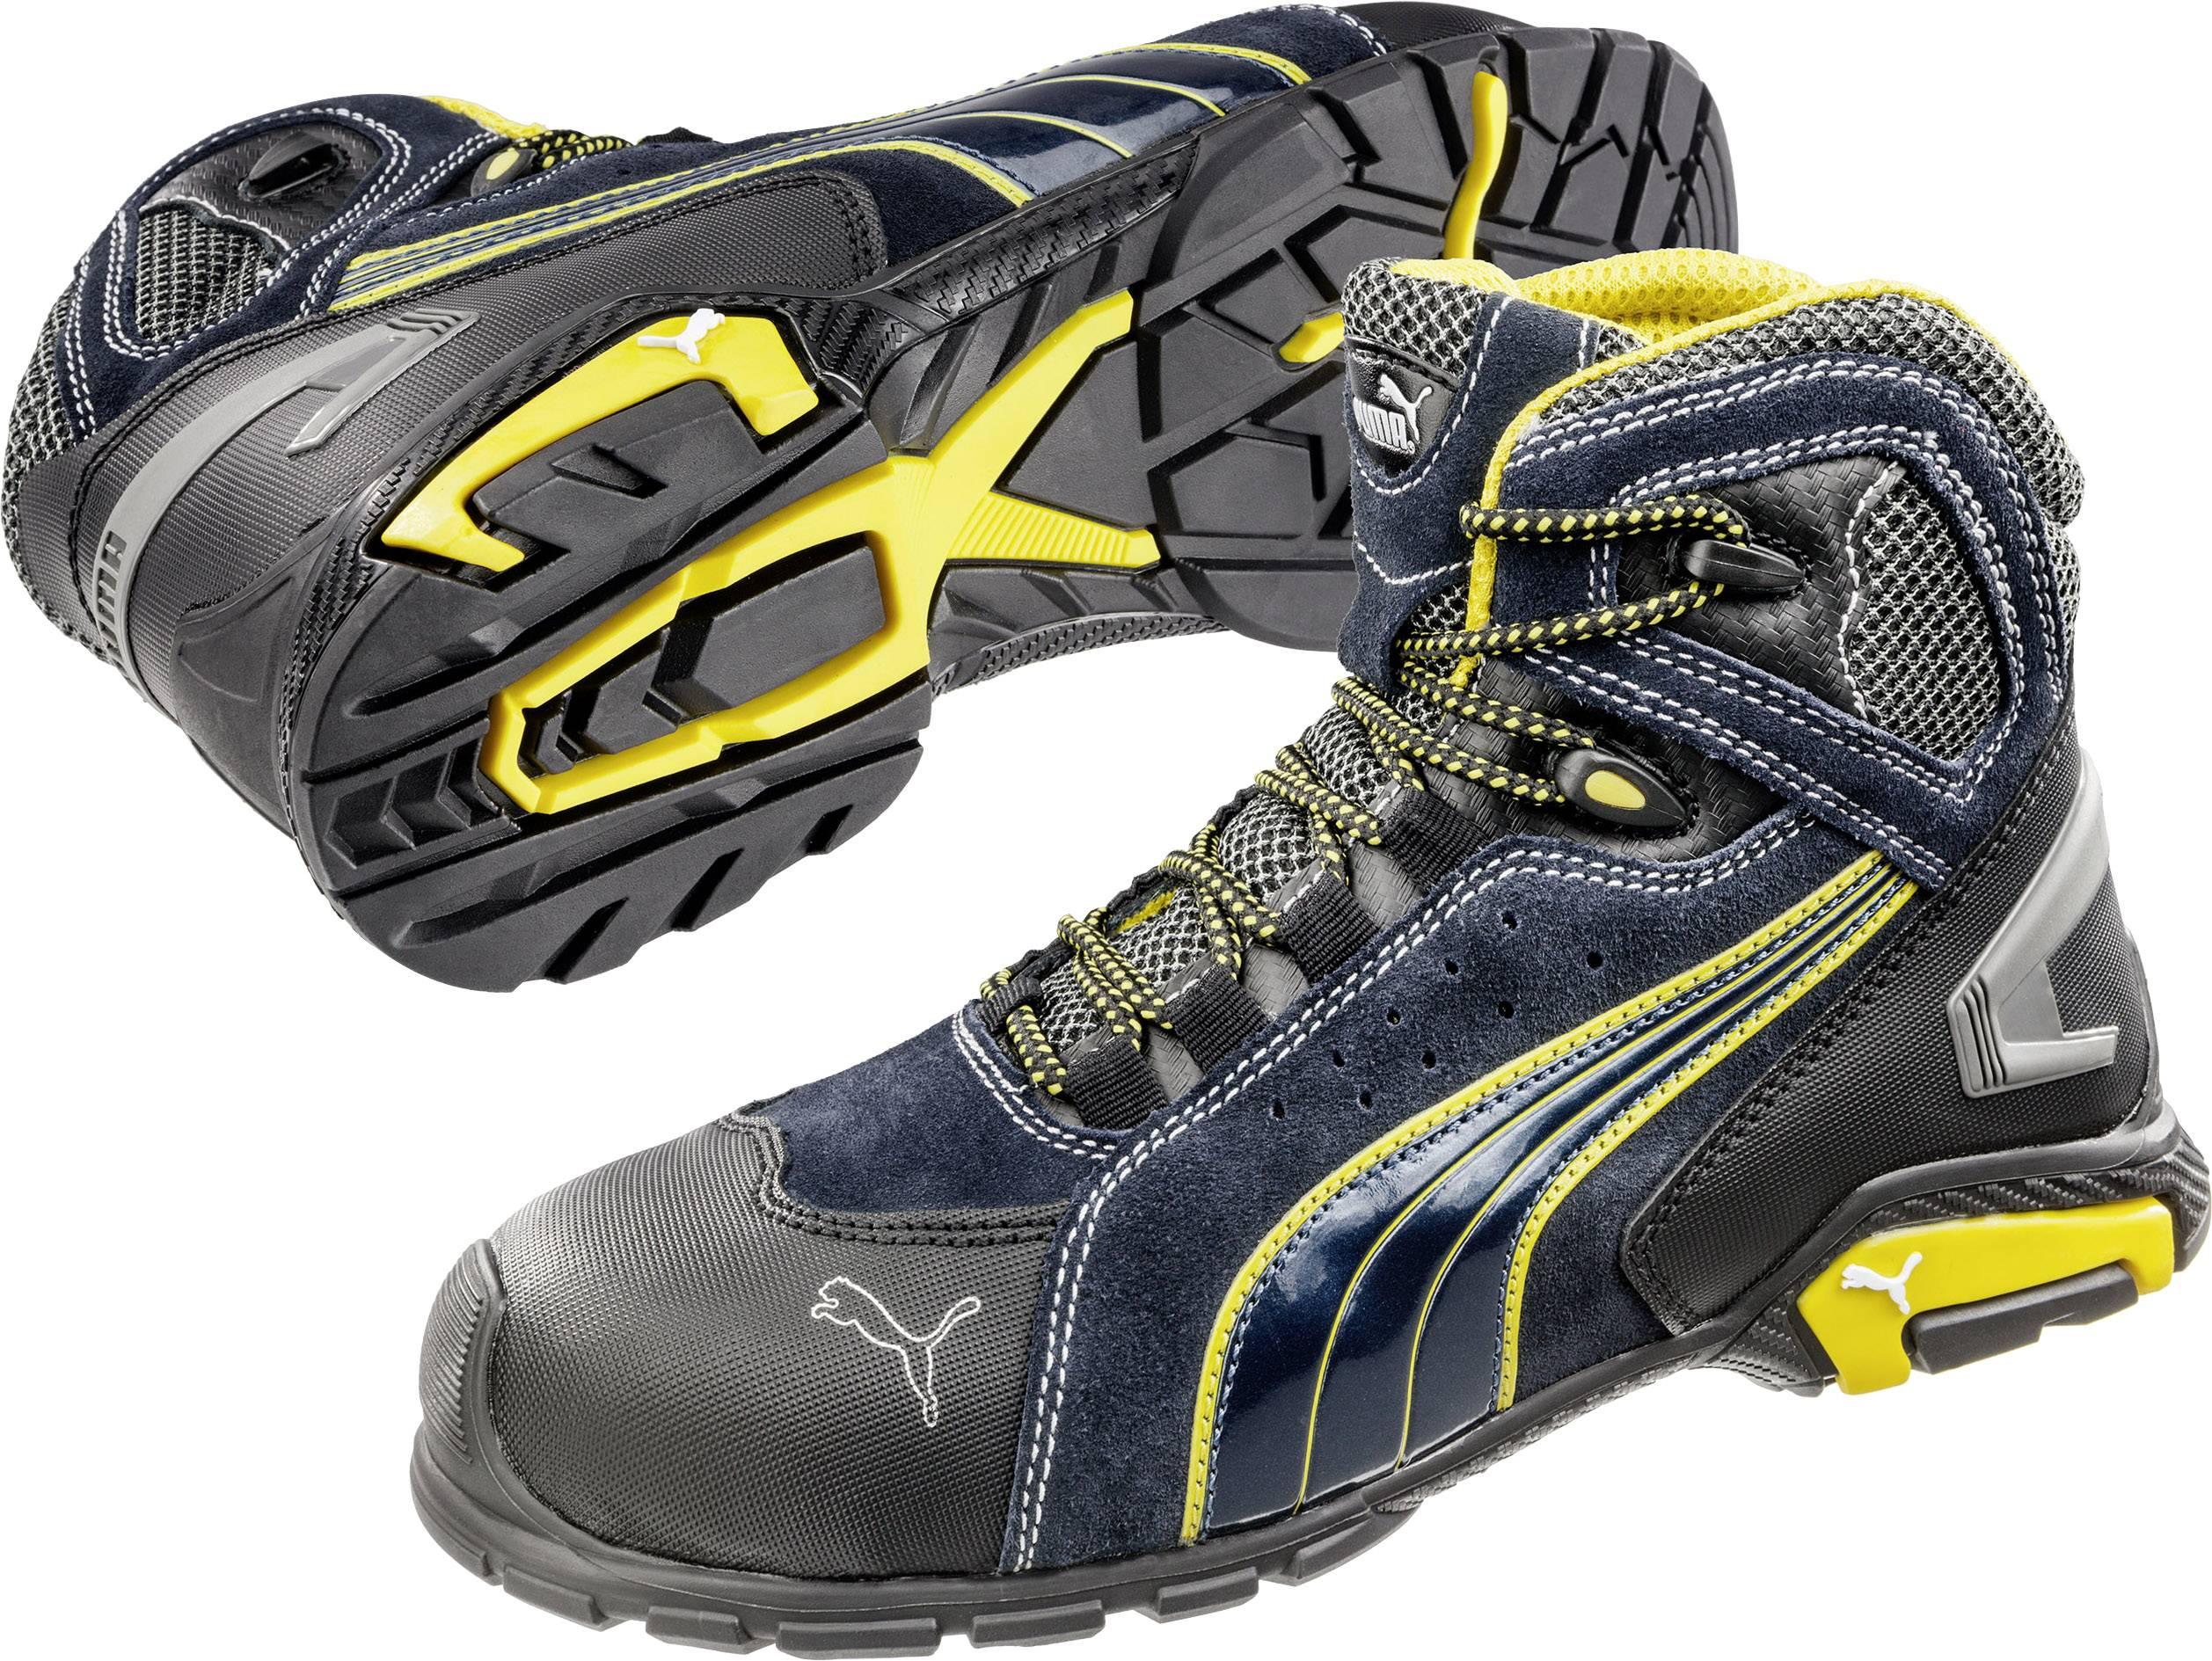 Bezpečnostní obuv S1P PUMA Safety Metro Protect 632230, vel.: 43, černá, modrá, žlutá, 1 pár